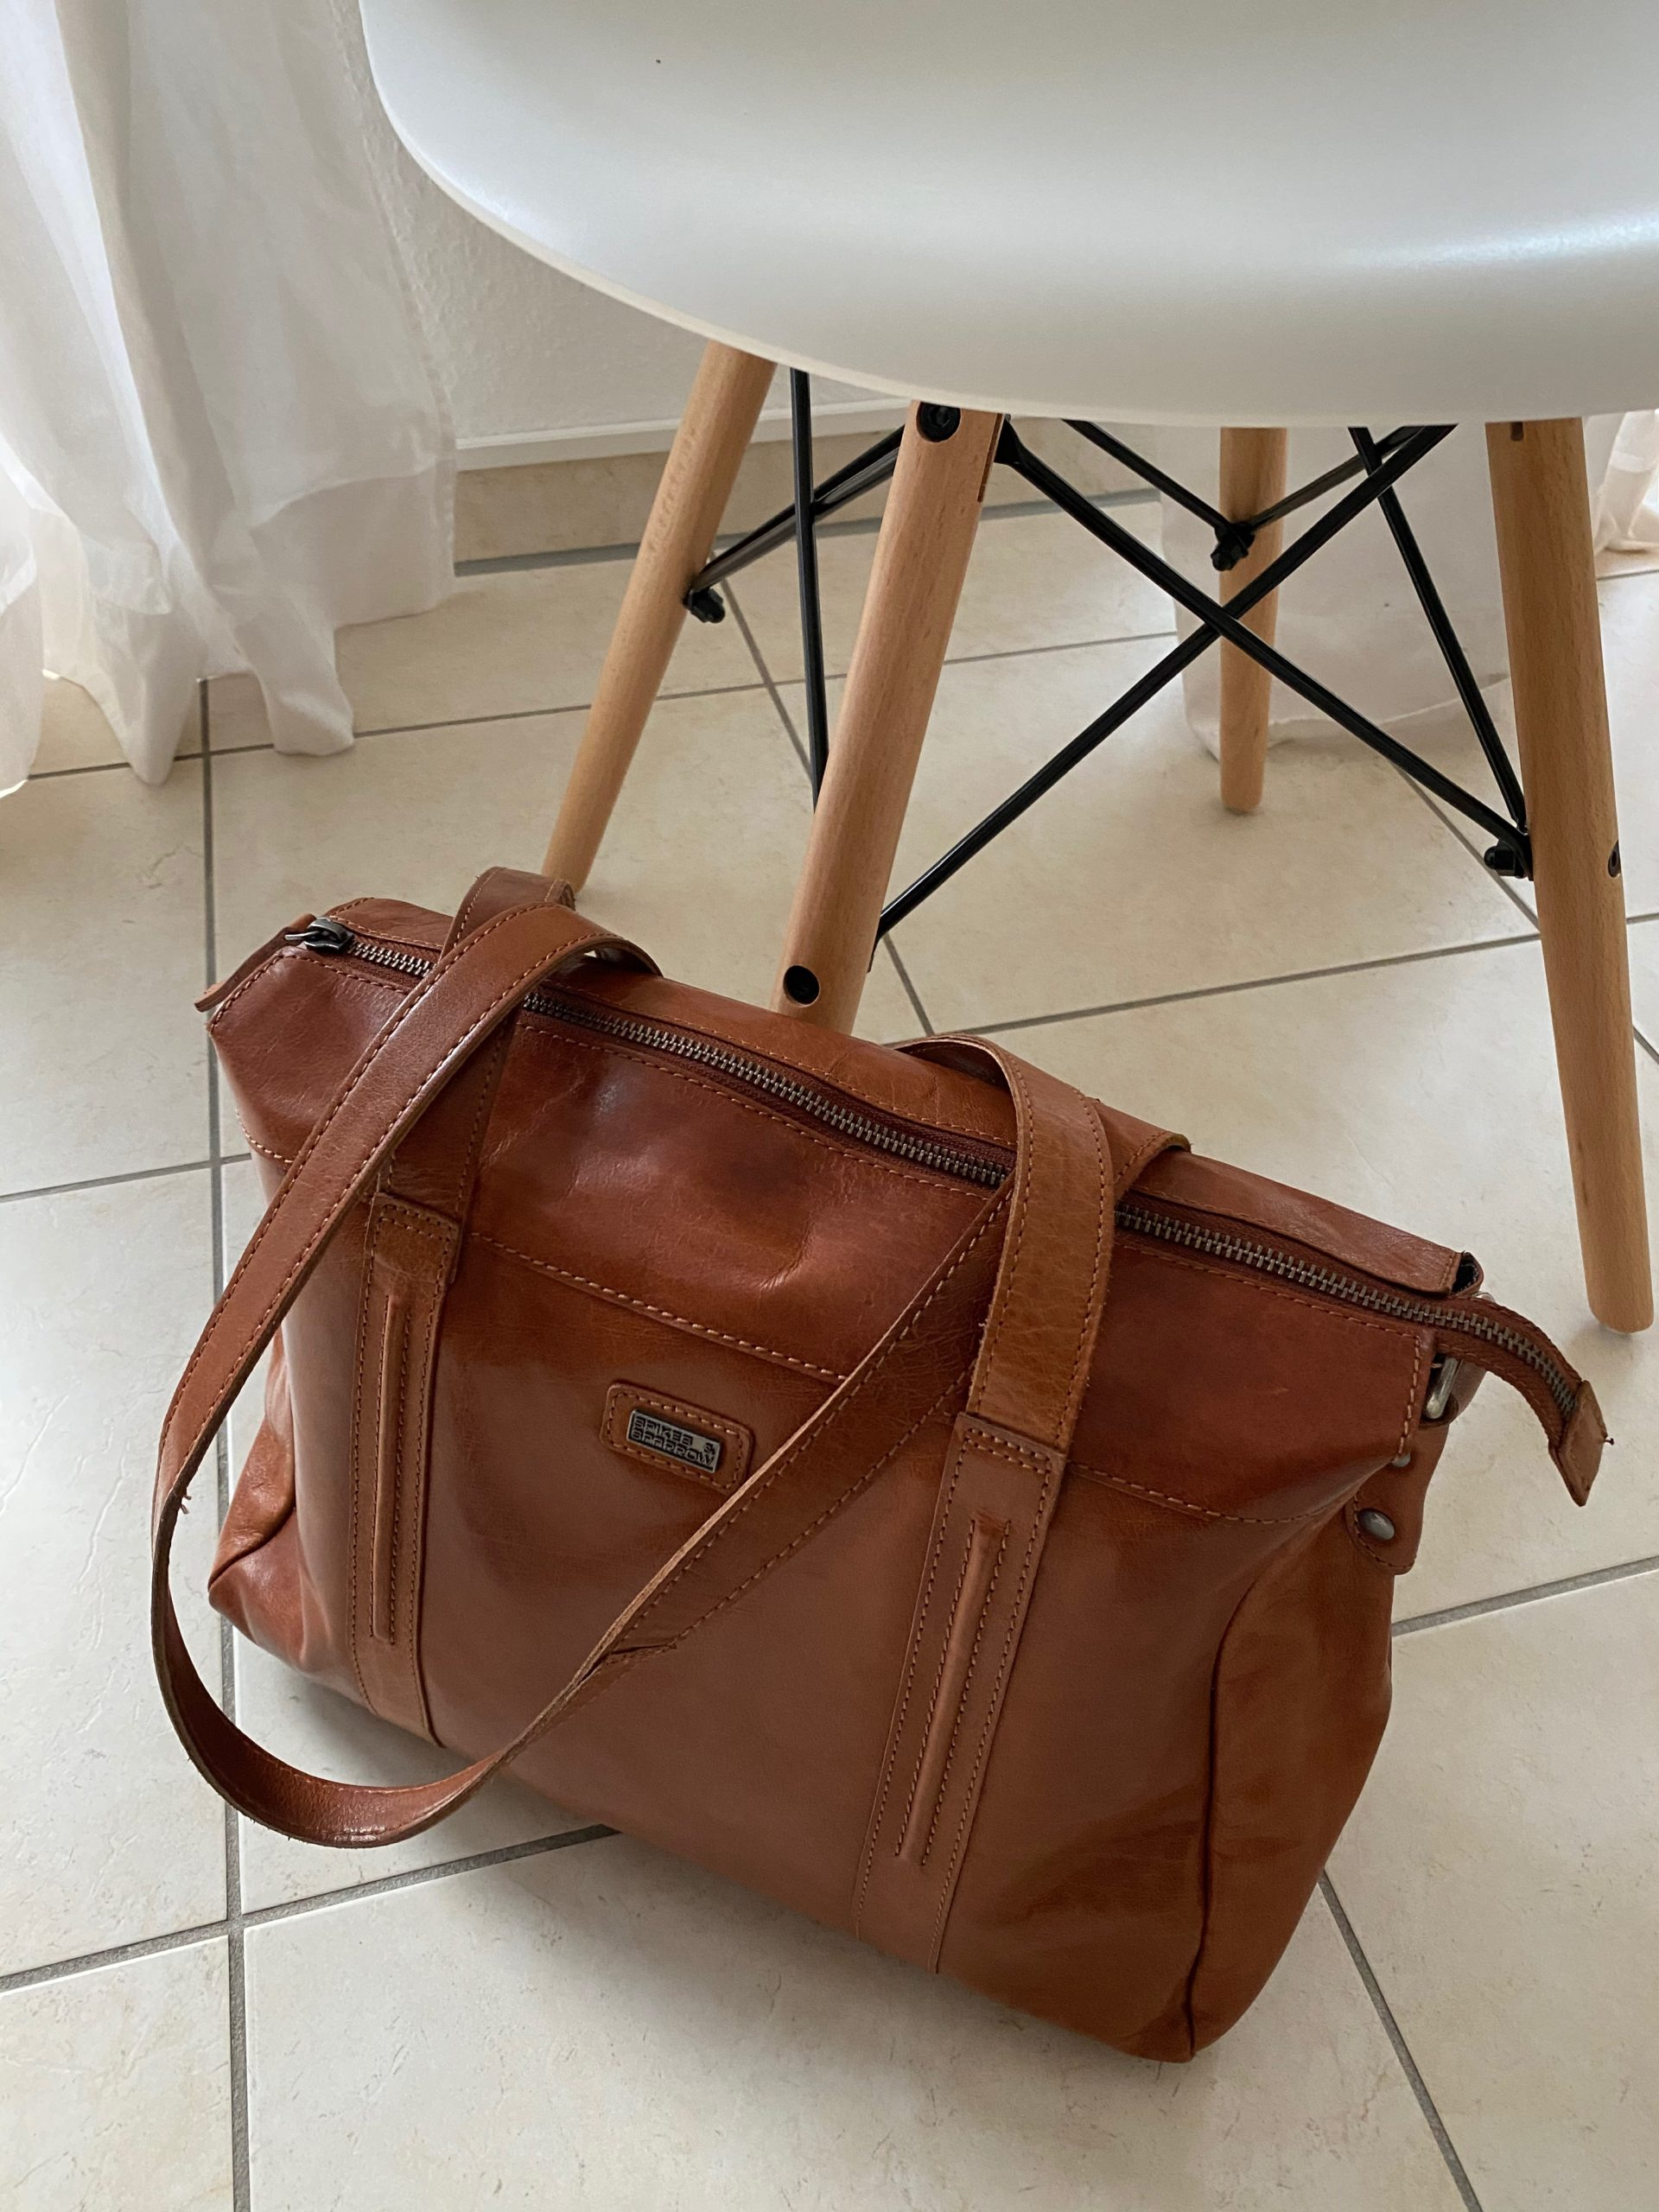 Handtasche organisieren